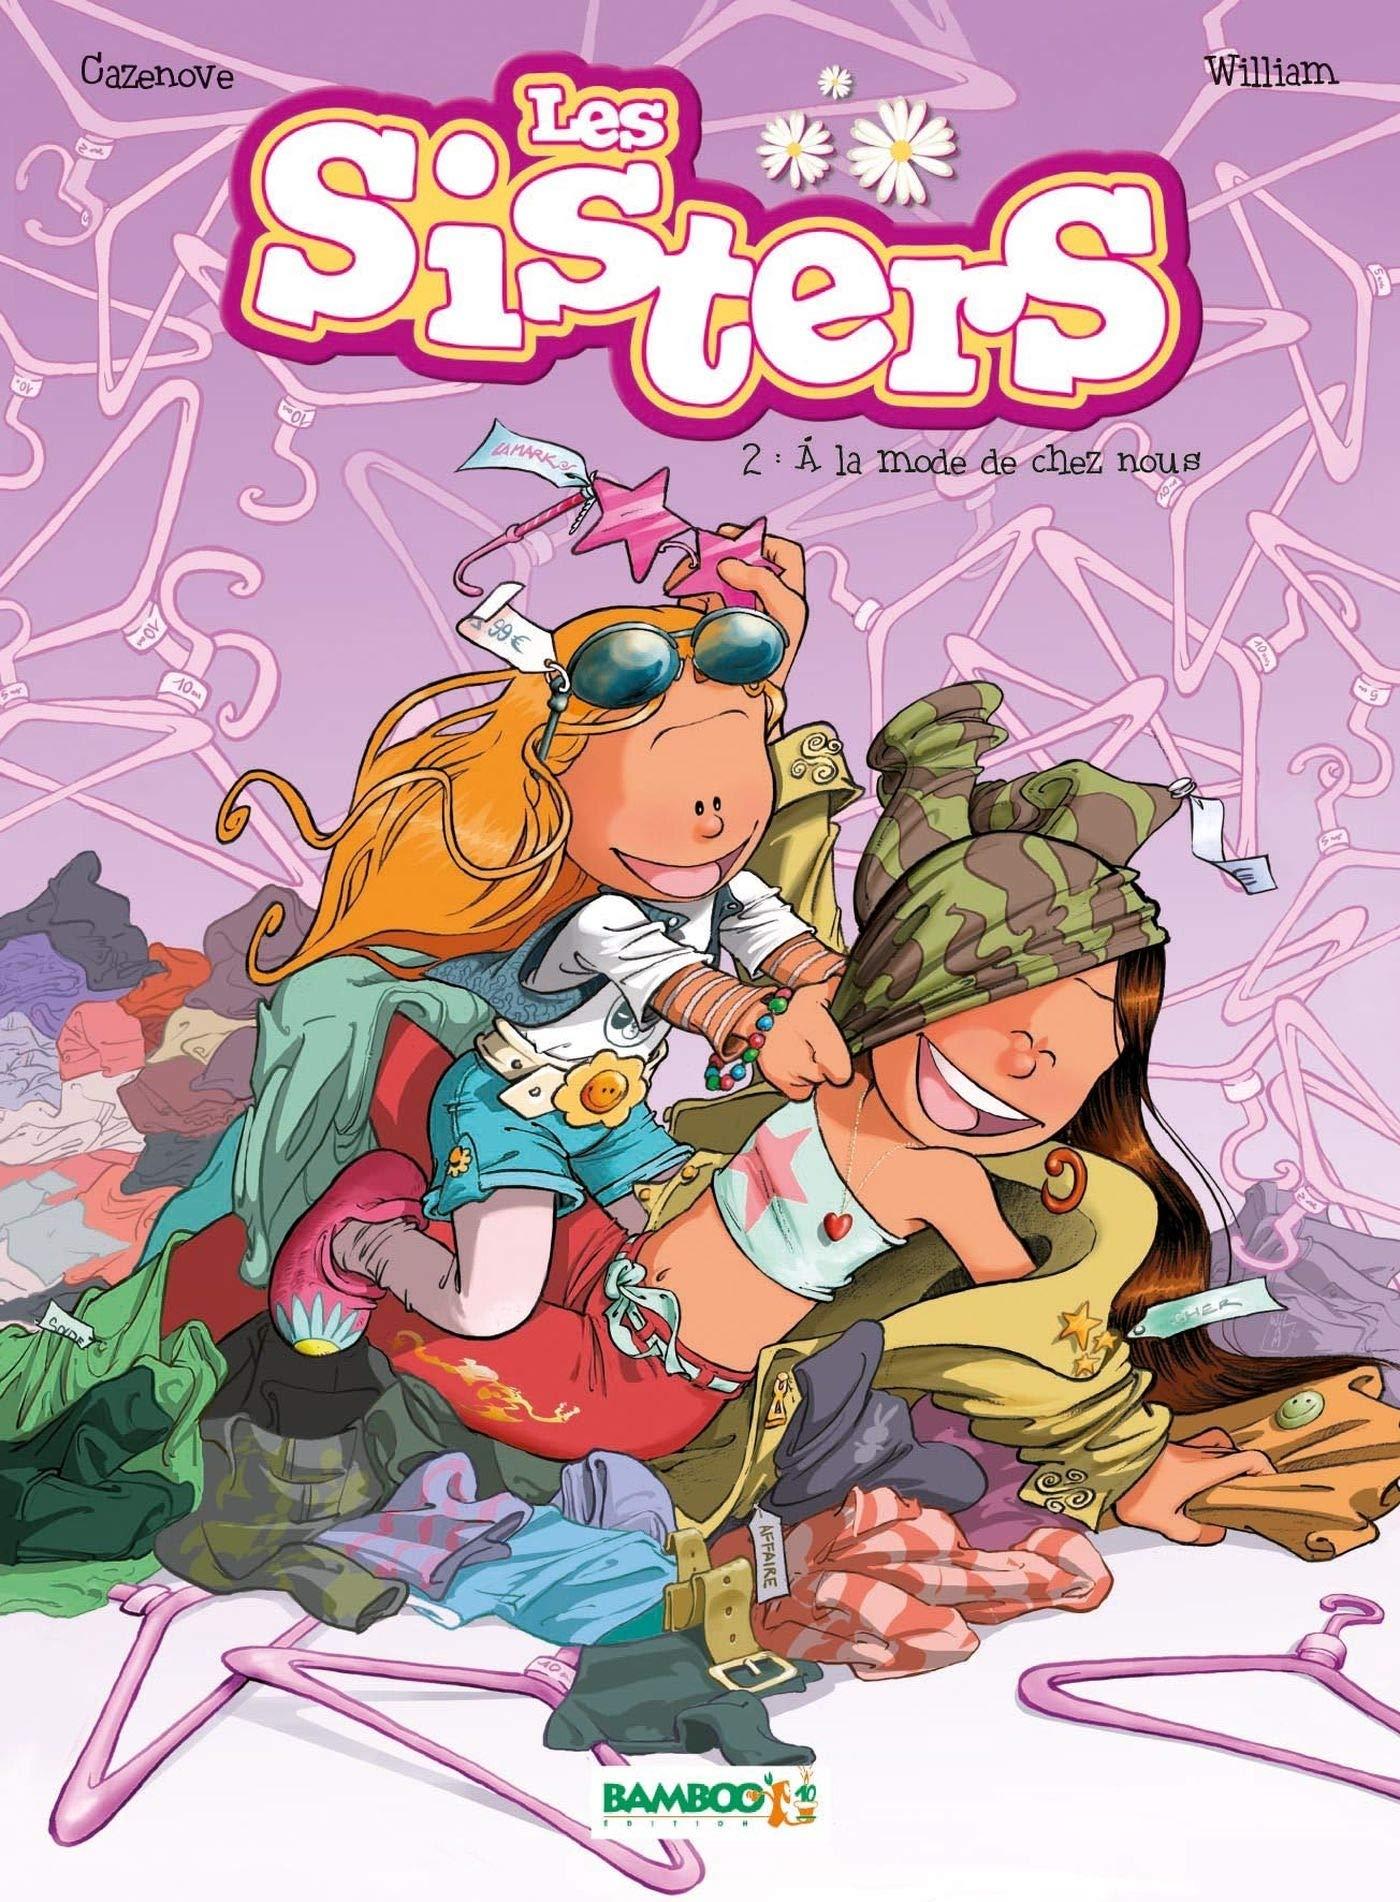 """Résultat de recherche d'images pour """"image les sisters livre 2"""""""